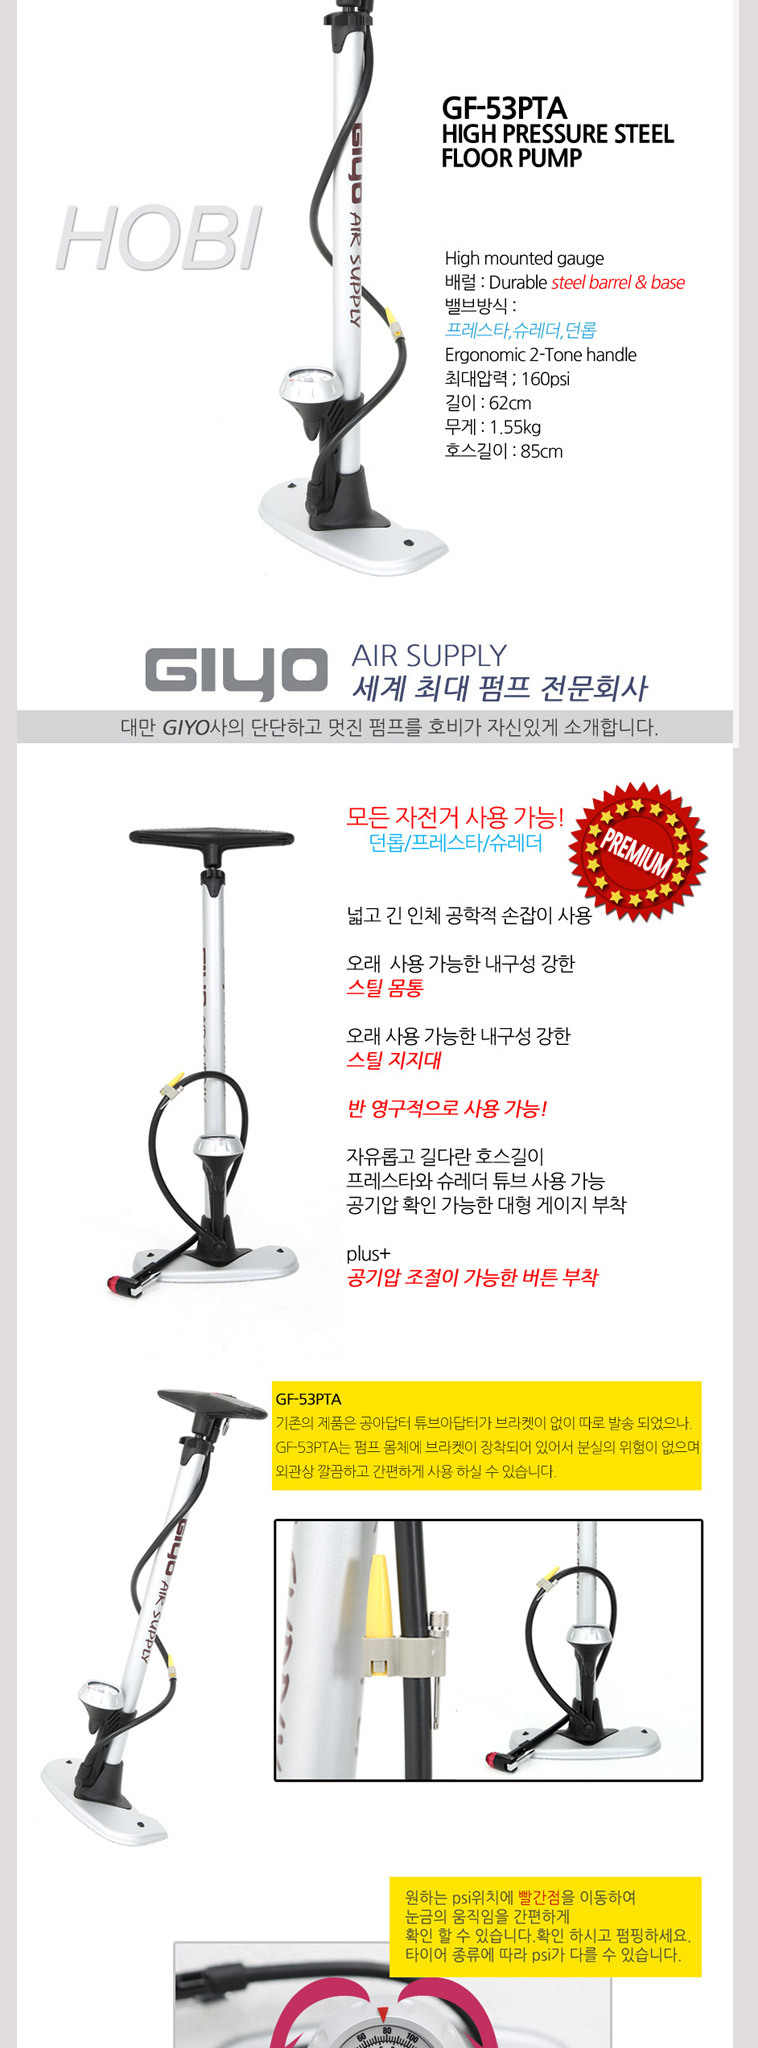 지요펌프/자물쇠 자전거용품 - 상세정보